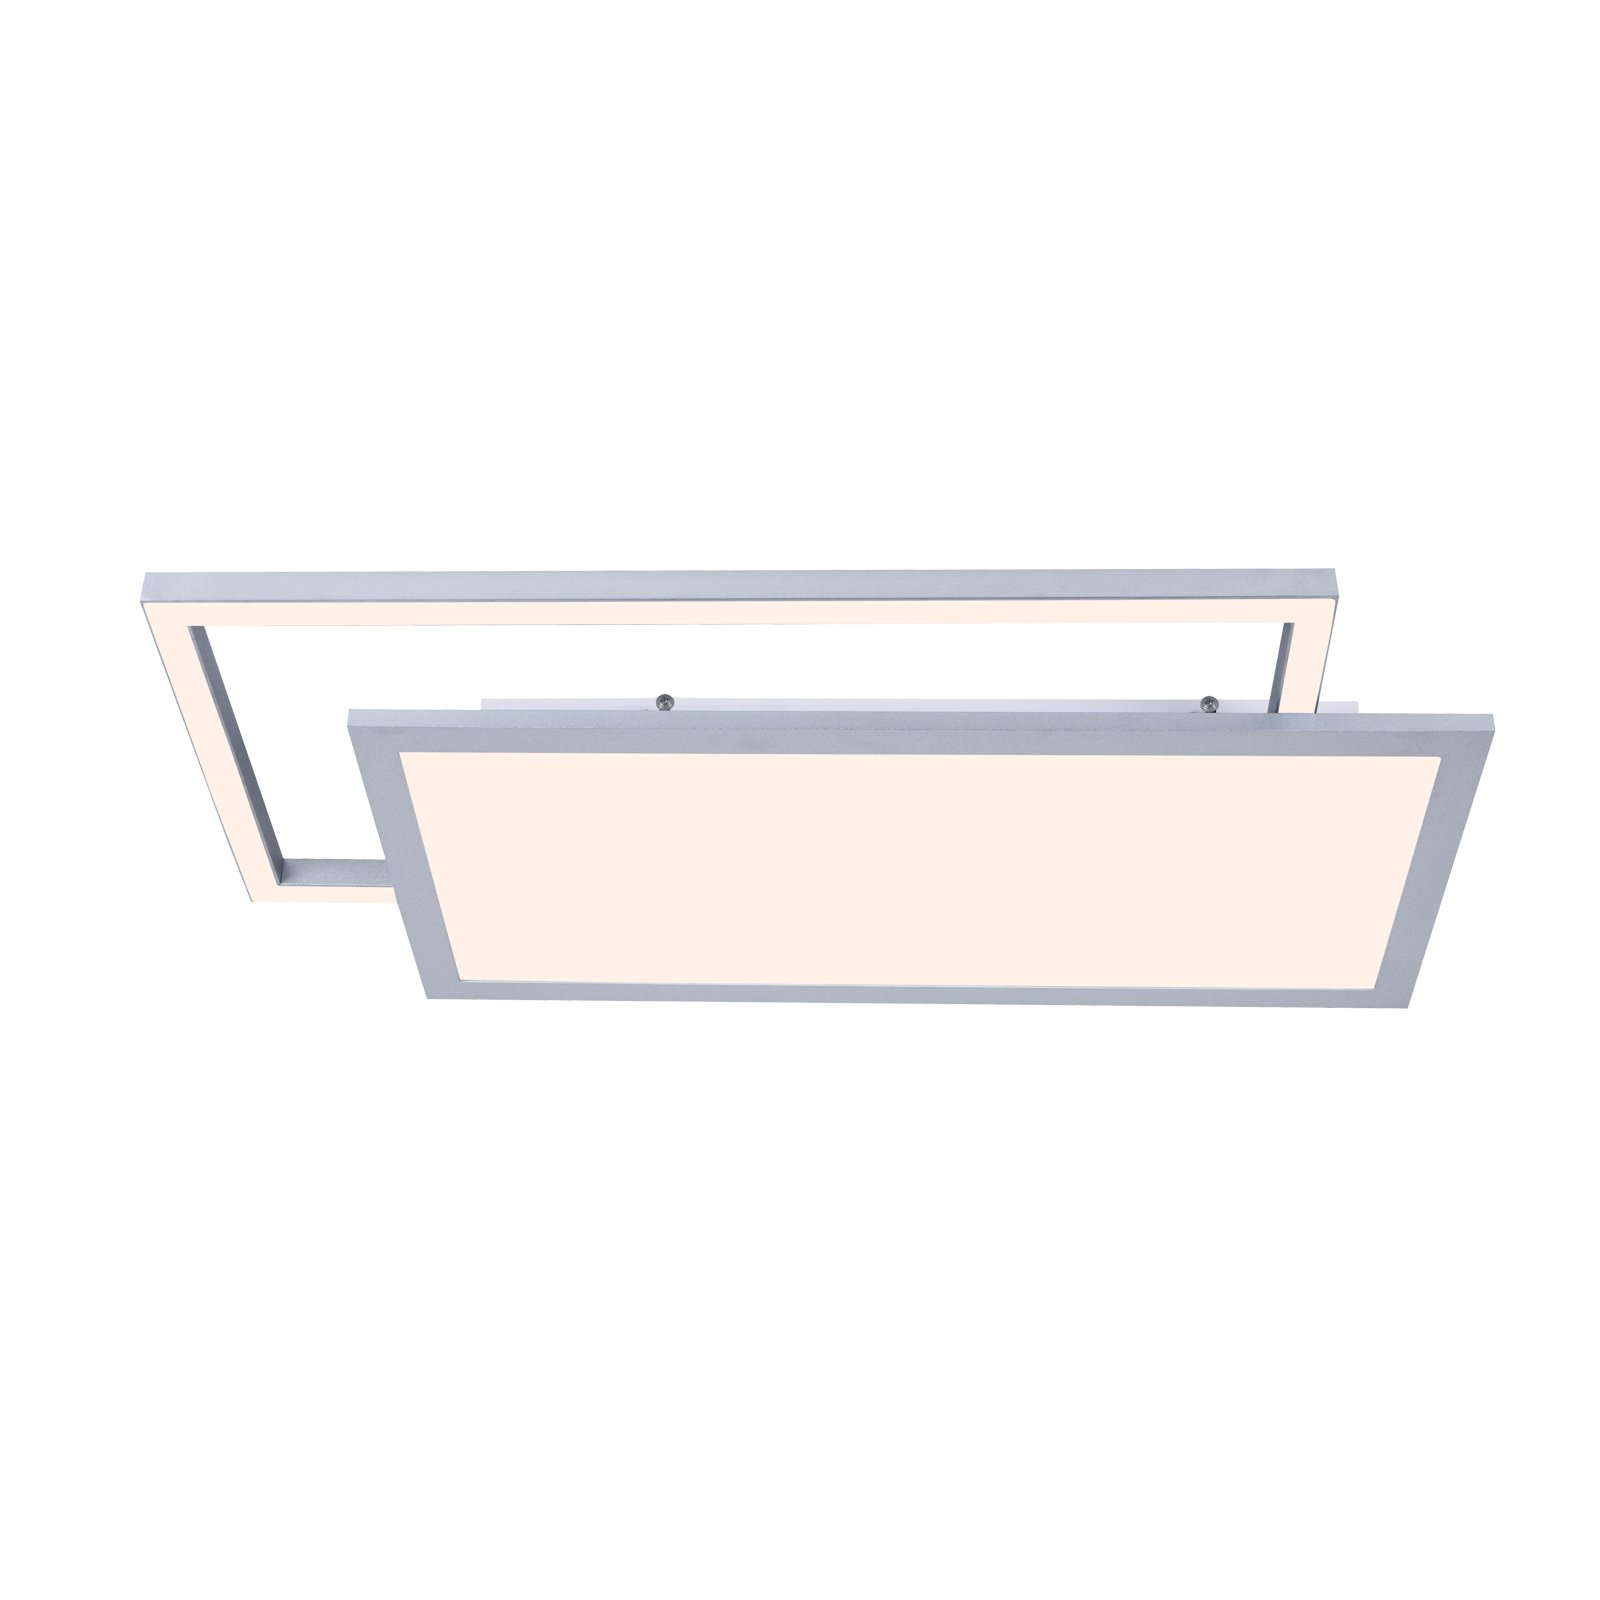 Lucande Senan LED-taklampe, rektangulær